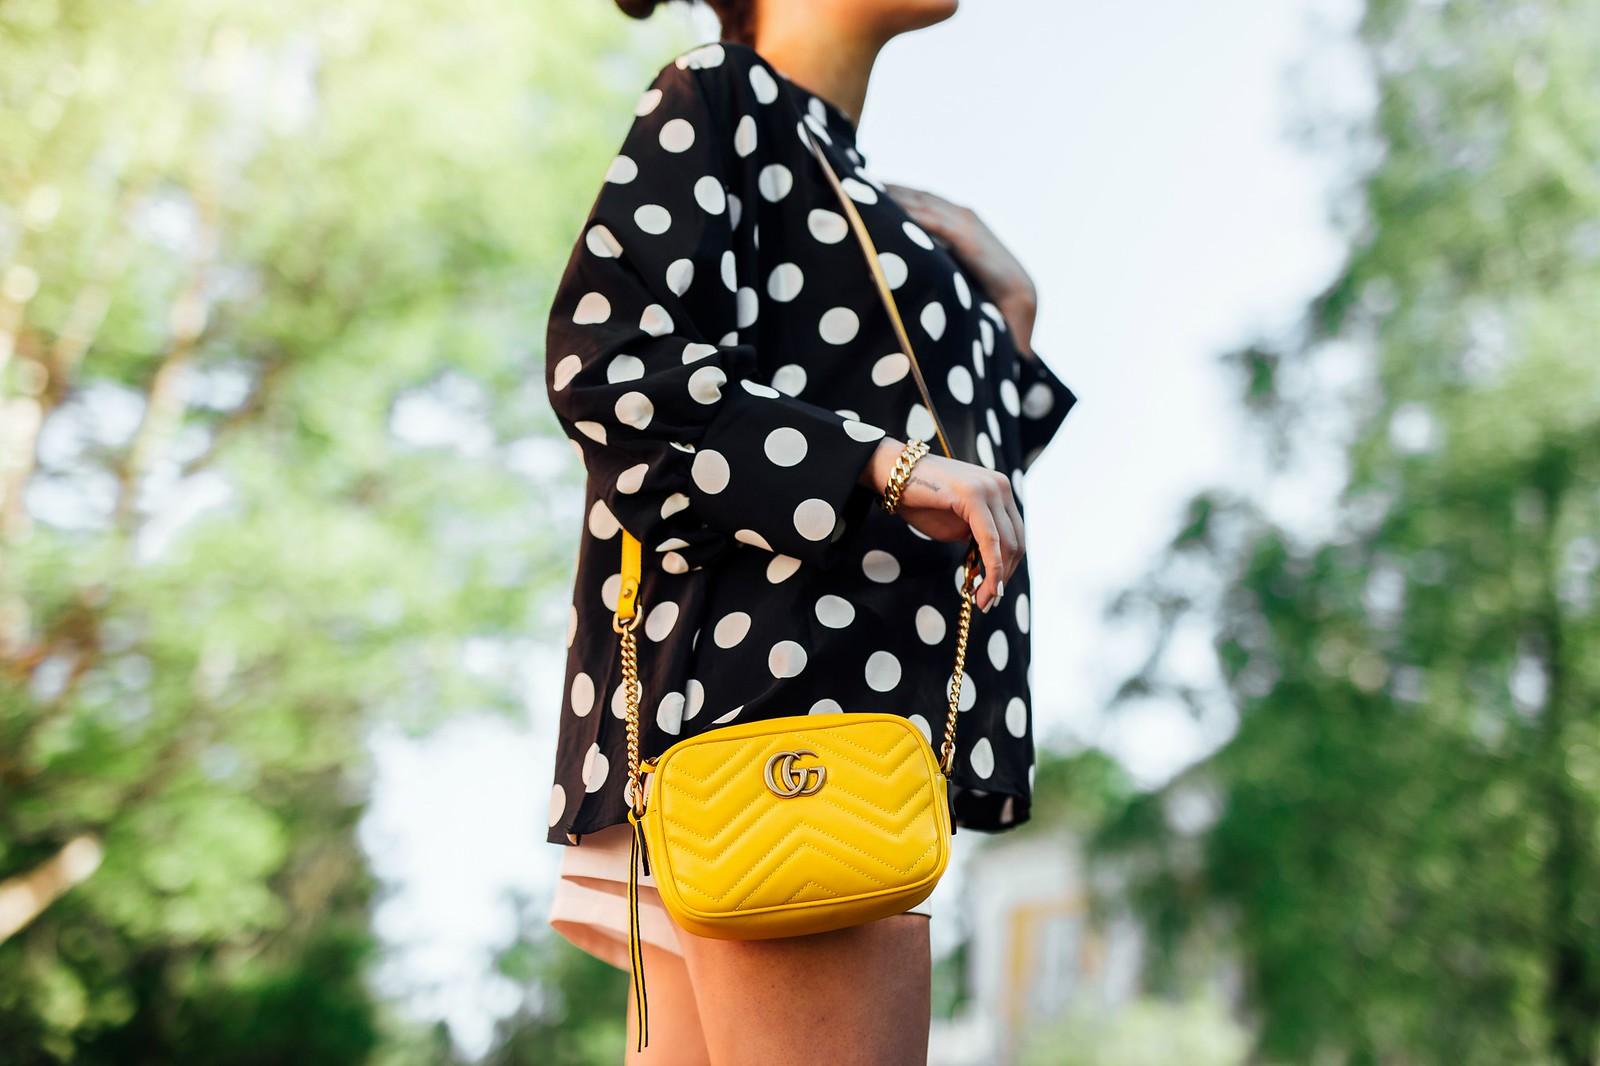 guccin keltainen laukku